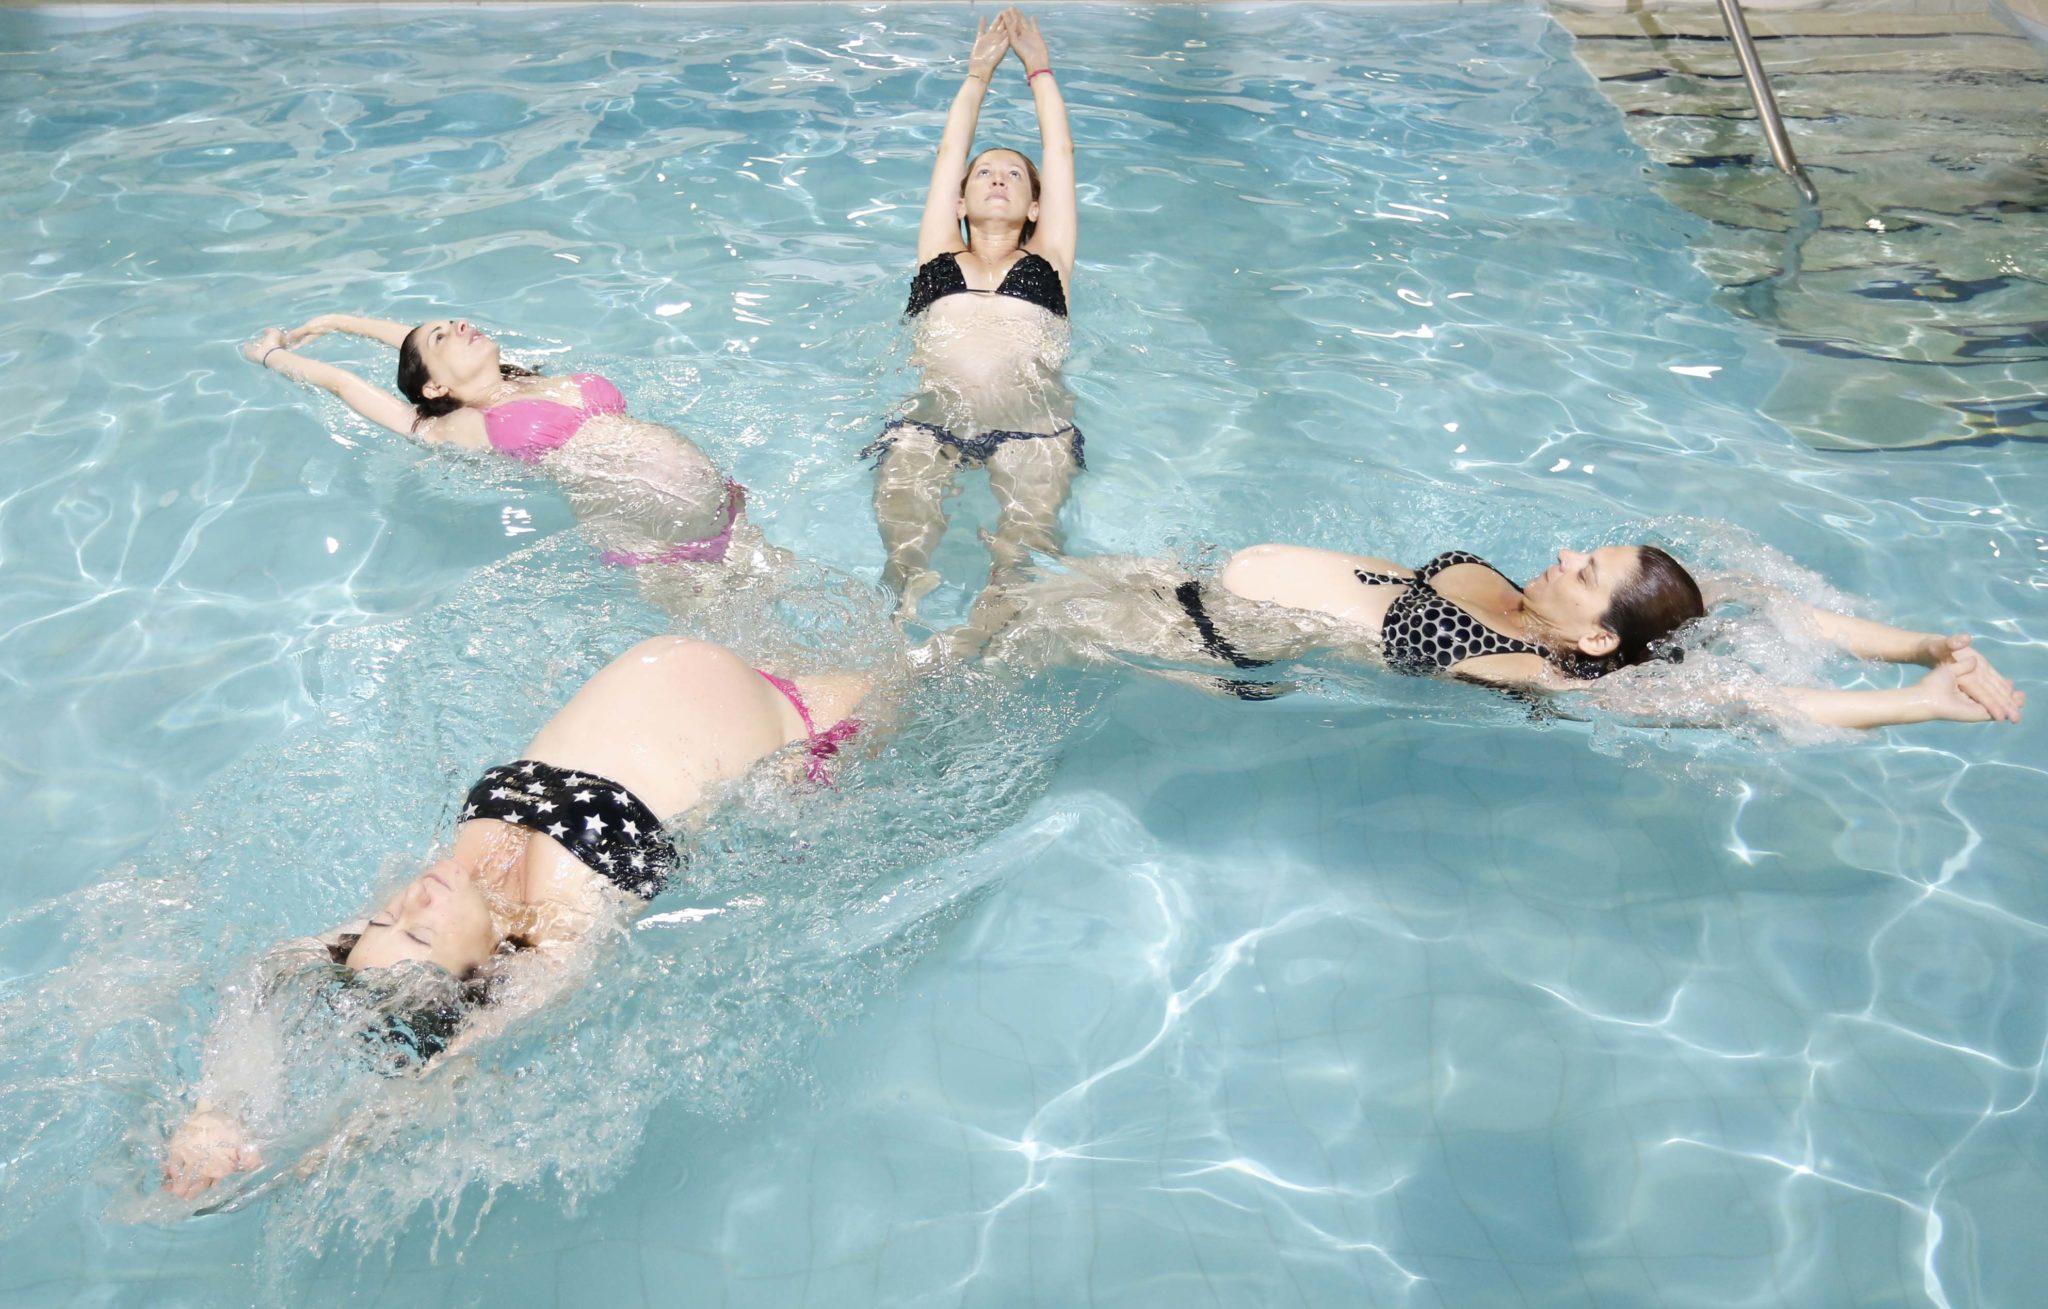 Aqua Yoga για εγκύους στη Θεσσαλονίκη -aqua yoga για εγκύους από τους Ιχθείς Aqua Club - Baby Swimming Thessaloniki